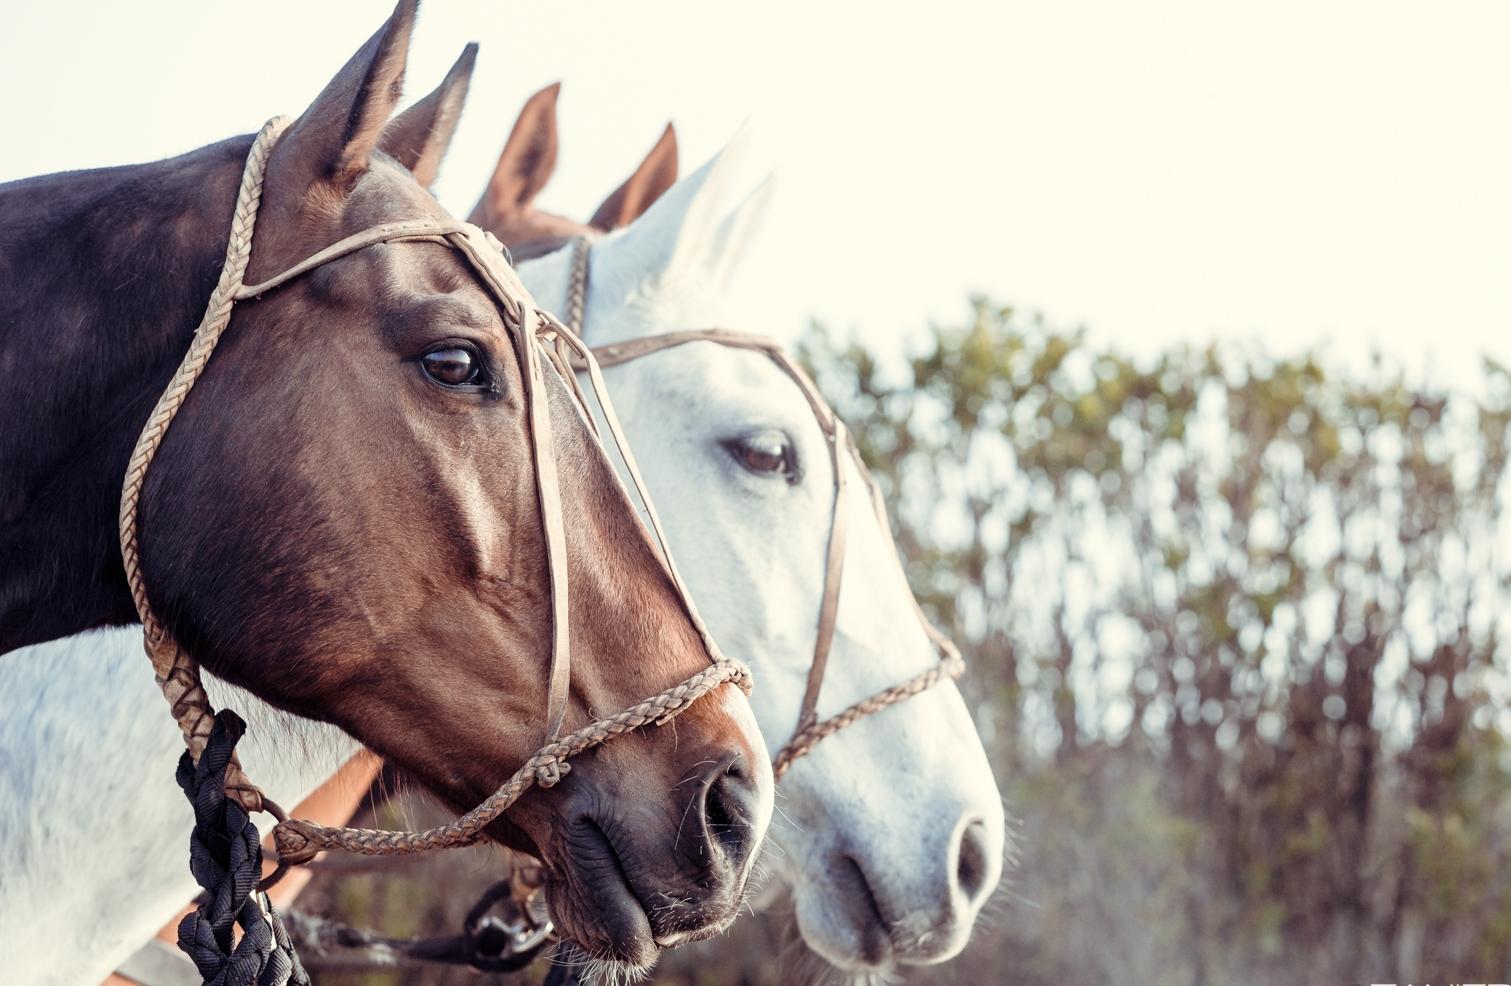 Criollos argentins les meilleurs poneys de polo  Argentine criollos the best polo ponies